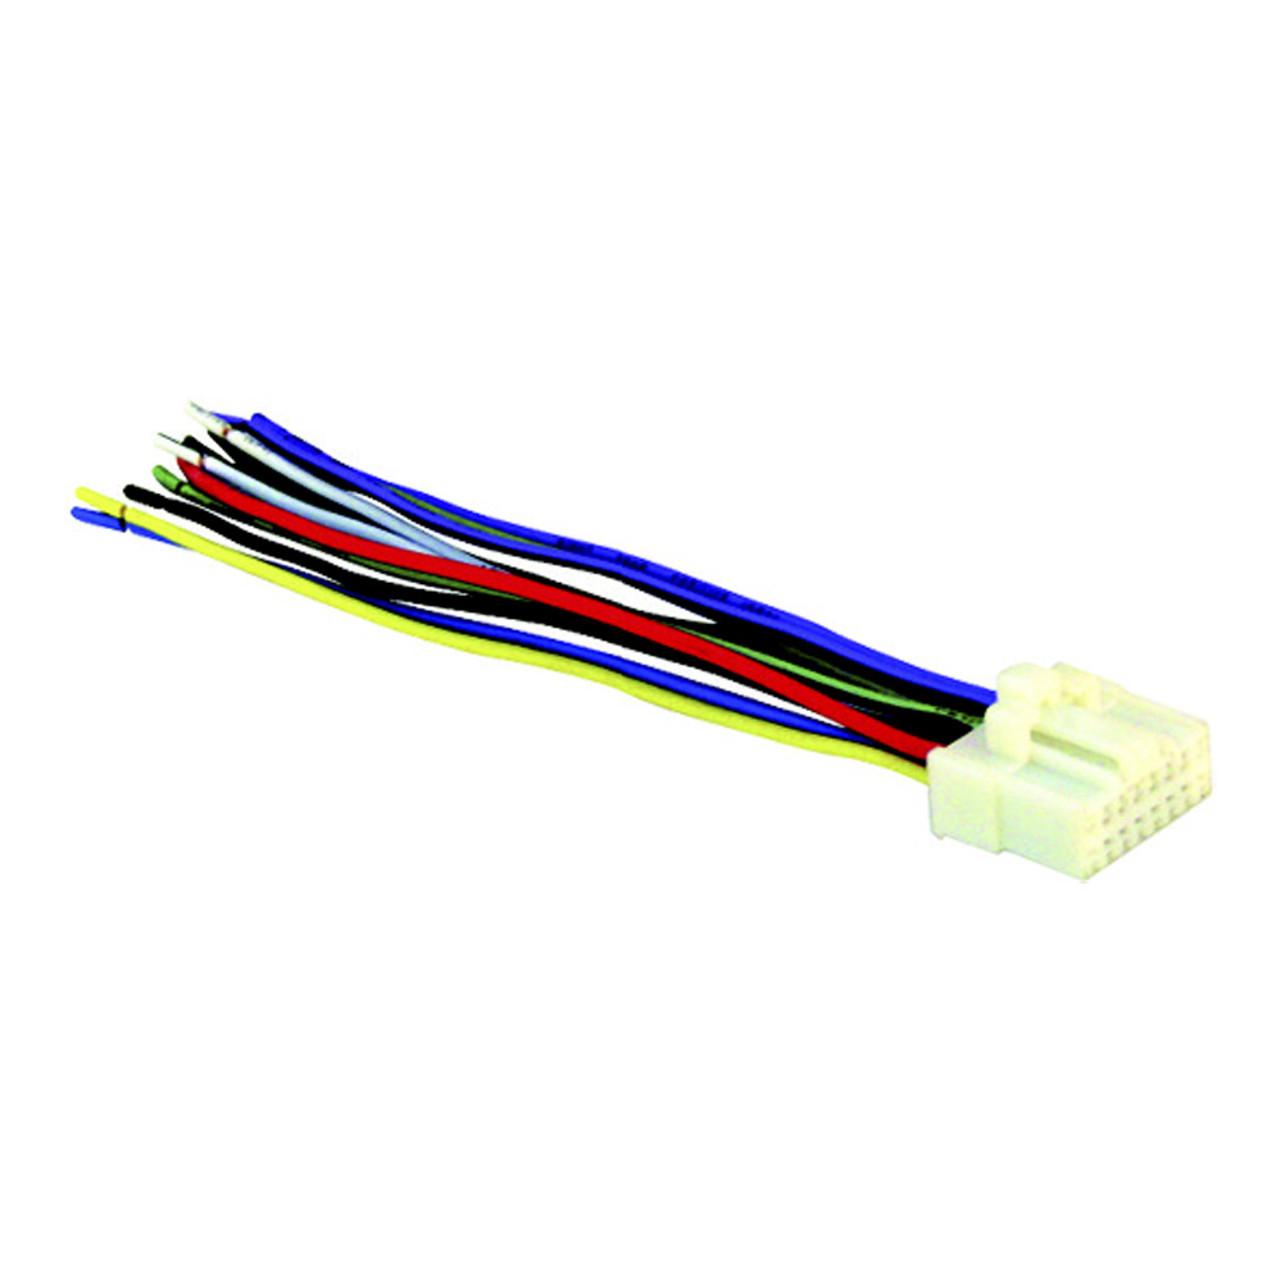 wiring harness panasonic 2000 2005 16 pin xscorpion wiring harness panasonic 2000 2005 16 pin [ 1280 x 1280 Pixel ]